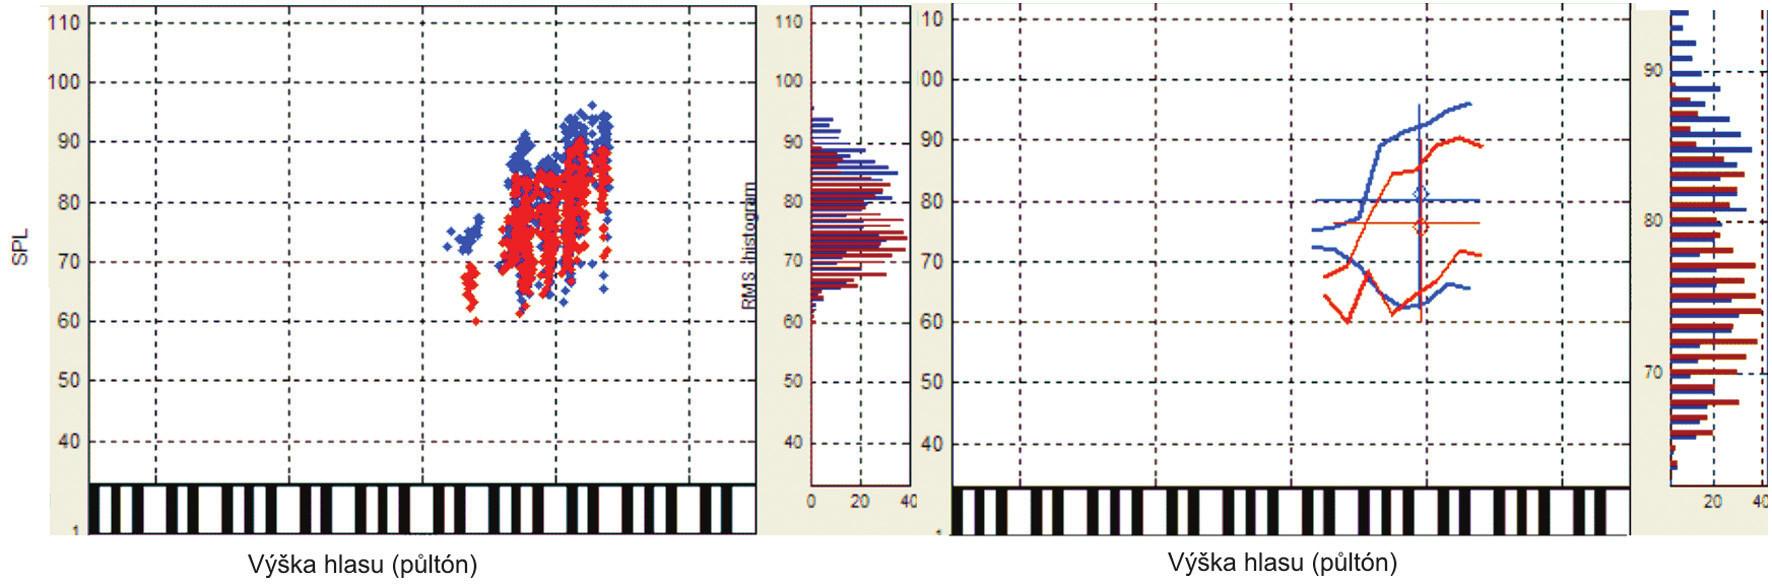 Rozložení analyzovaných segmentů v hlasovém poli, histogram rozložení hladiny akustického tlaku (SPL), ohraničení hlasového pole a detail histogramu SPL. Sólové provedení (modře), sborové provedení (červeně).